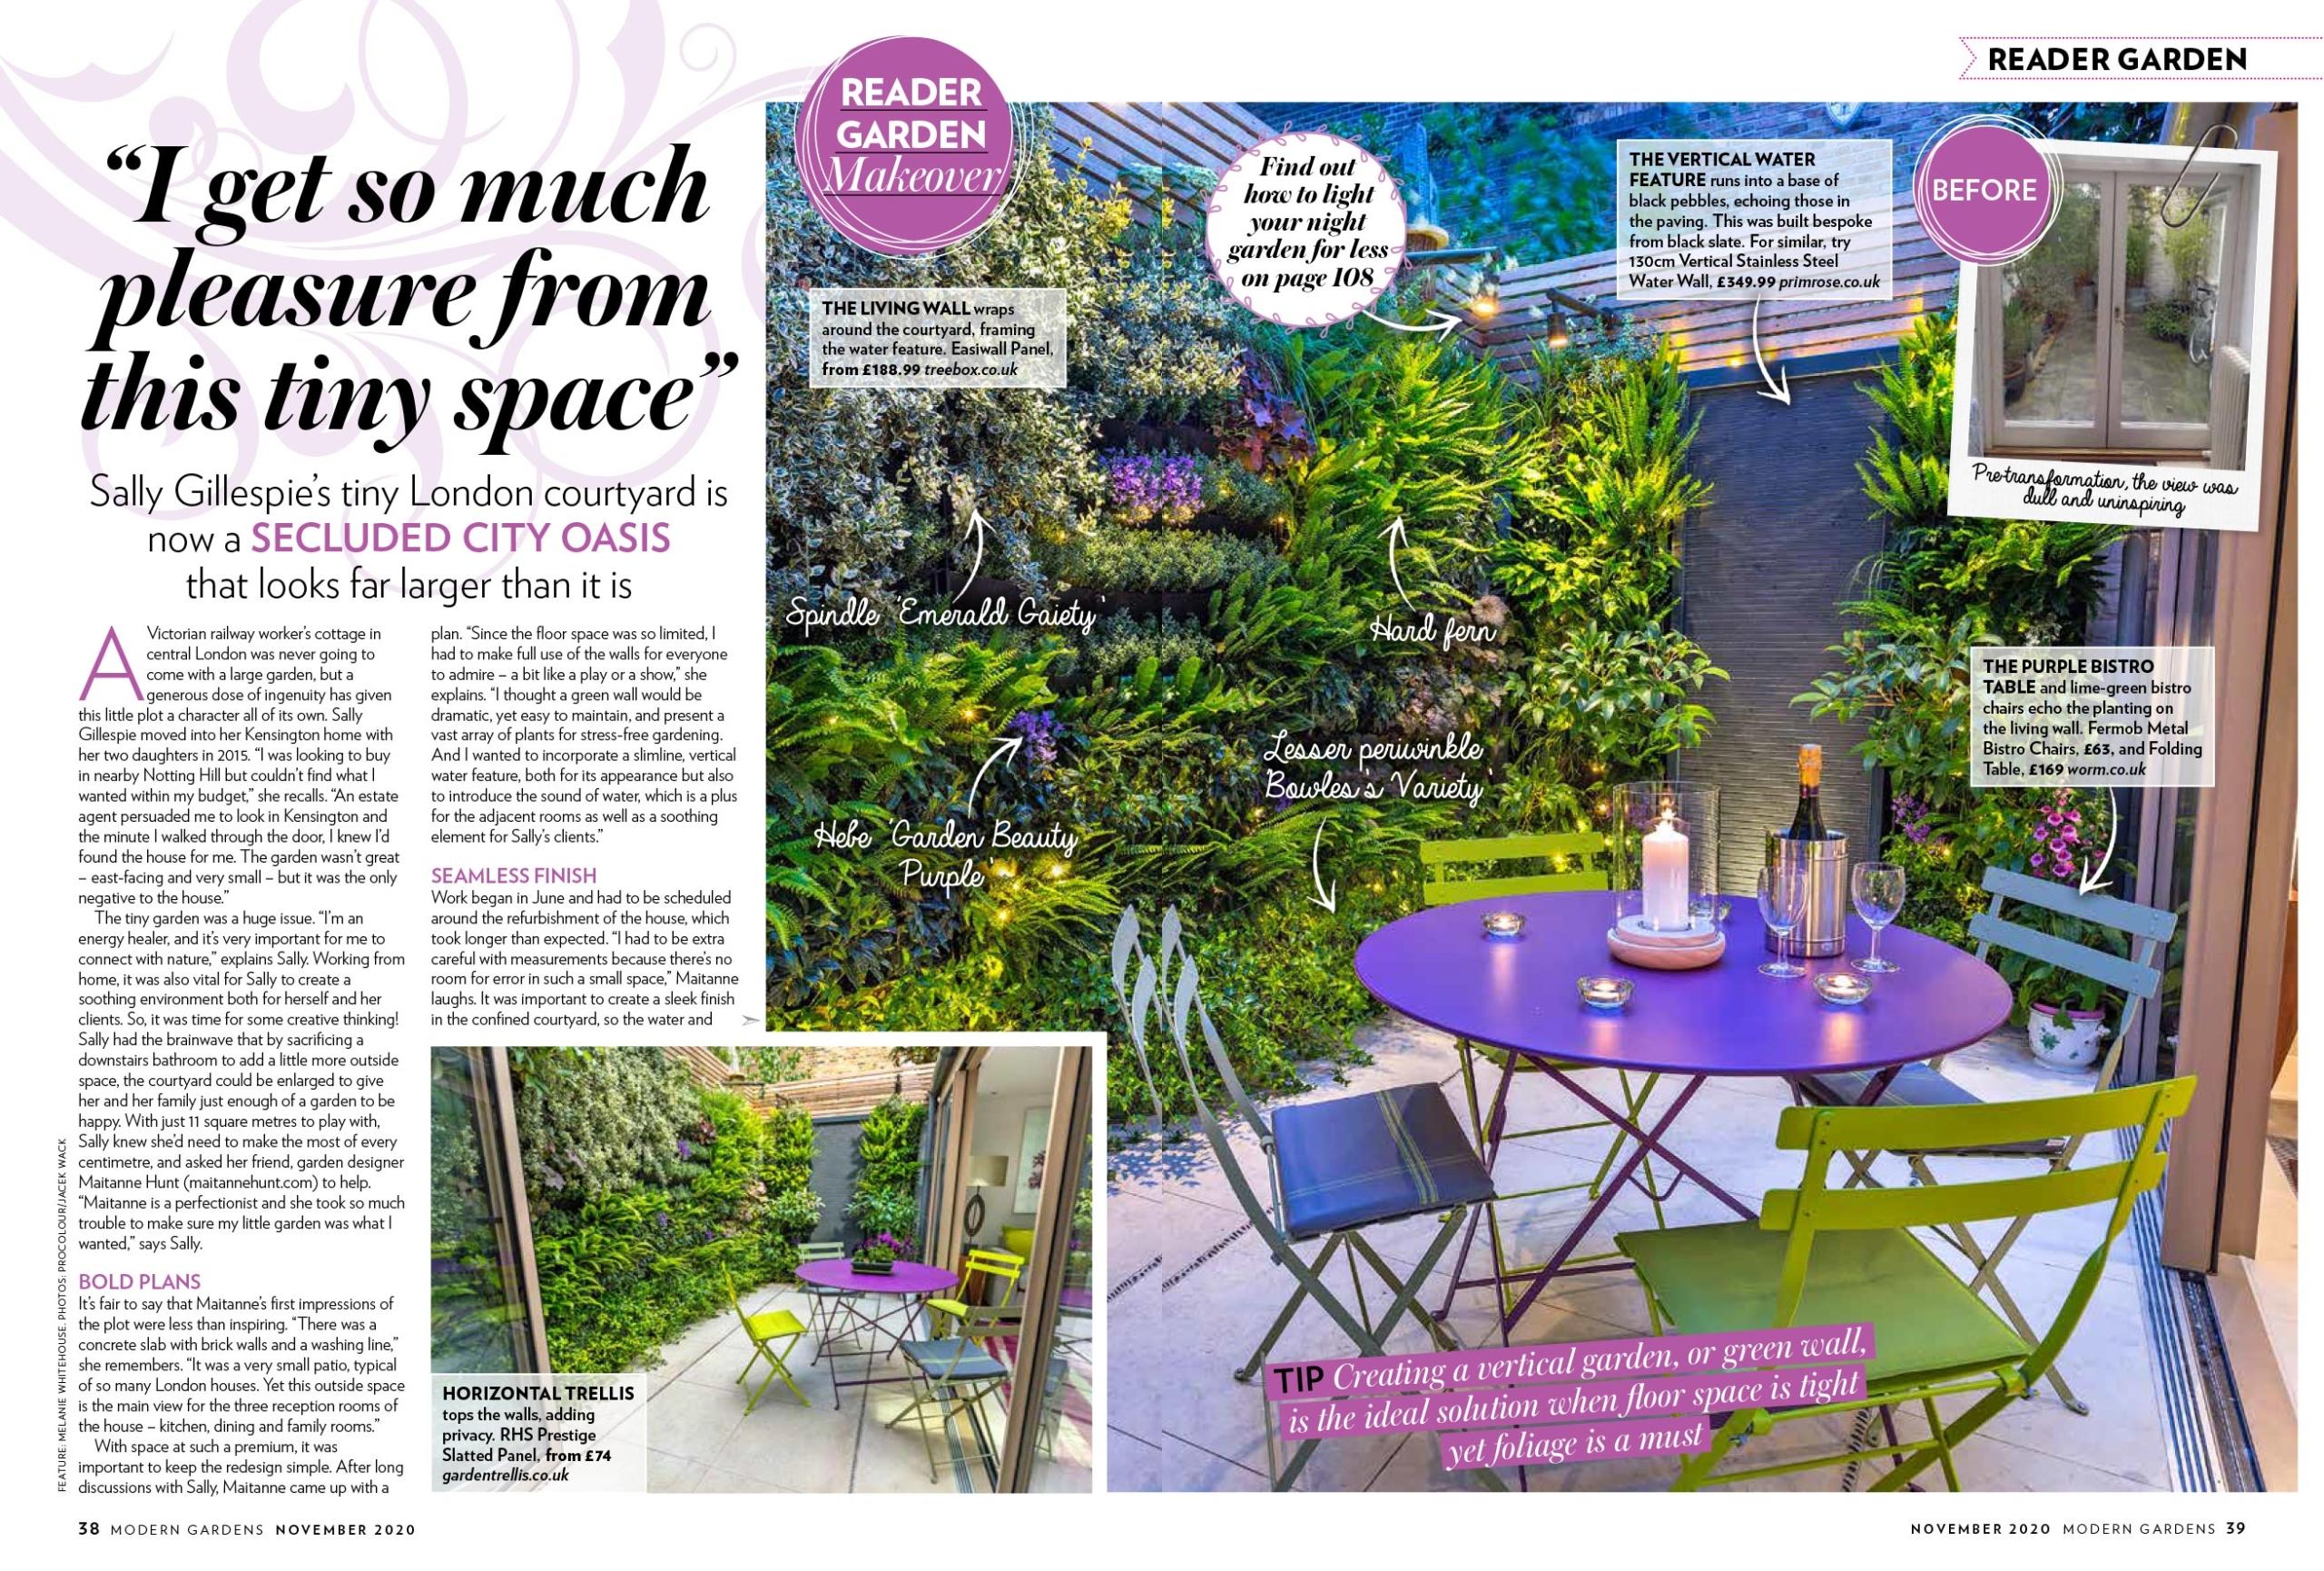 Modern Gardens Readers Garden Kelso Place (spread 1)